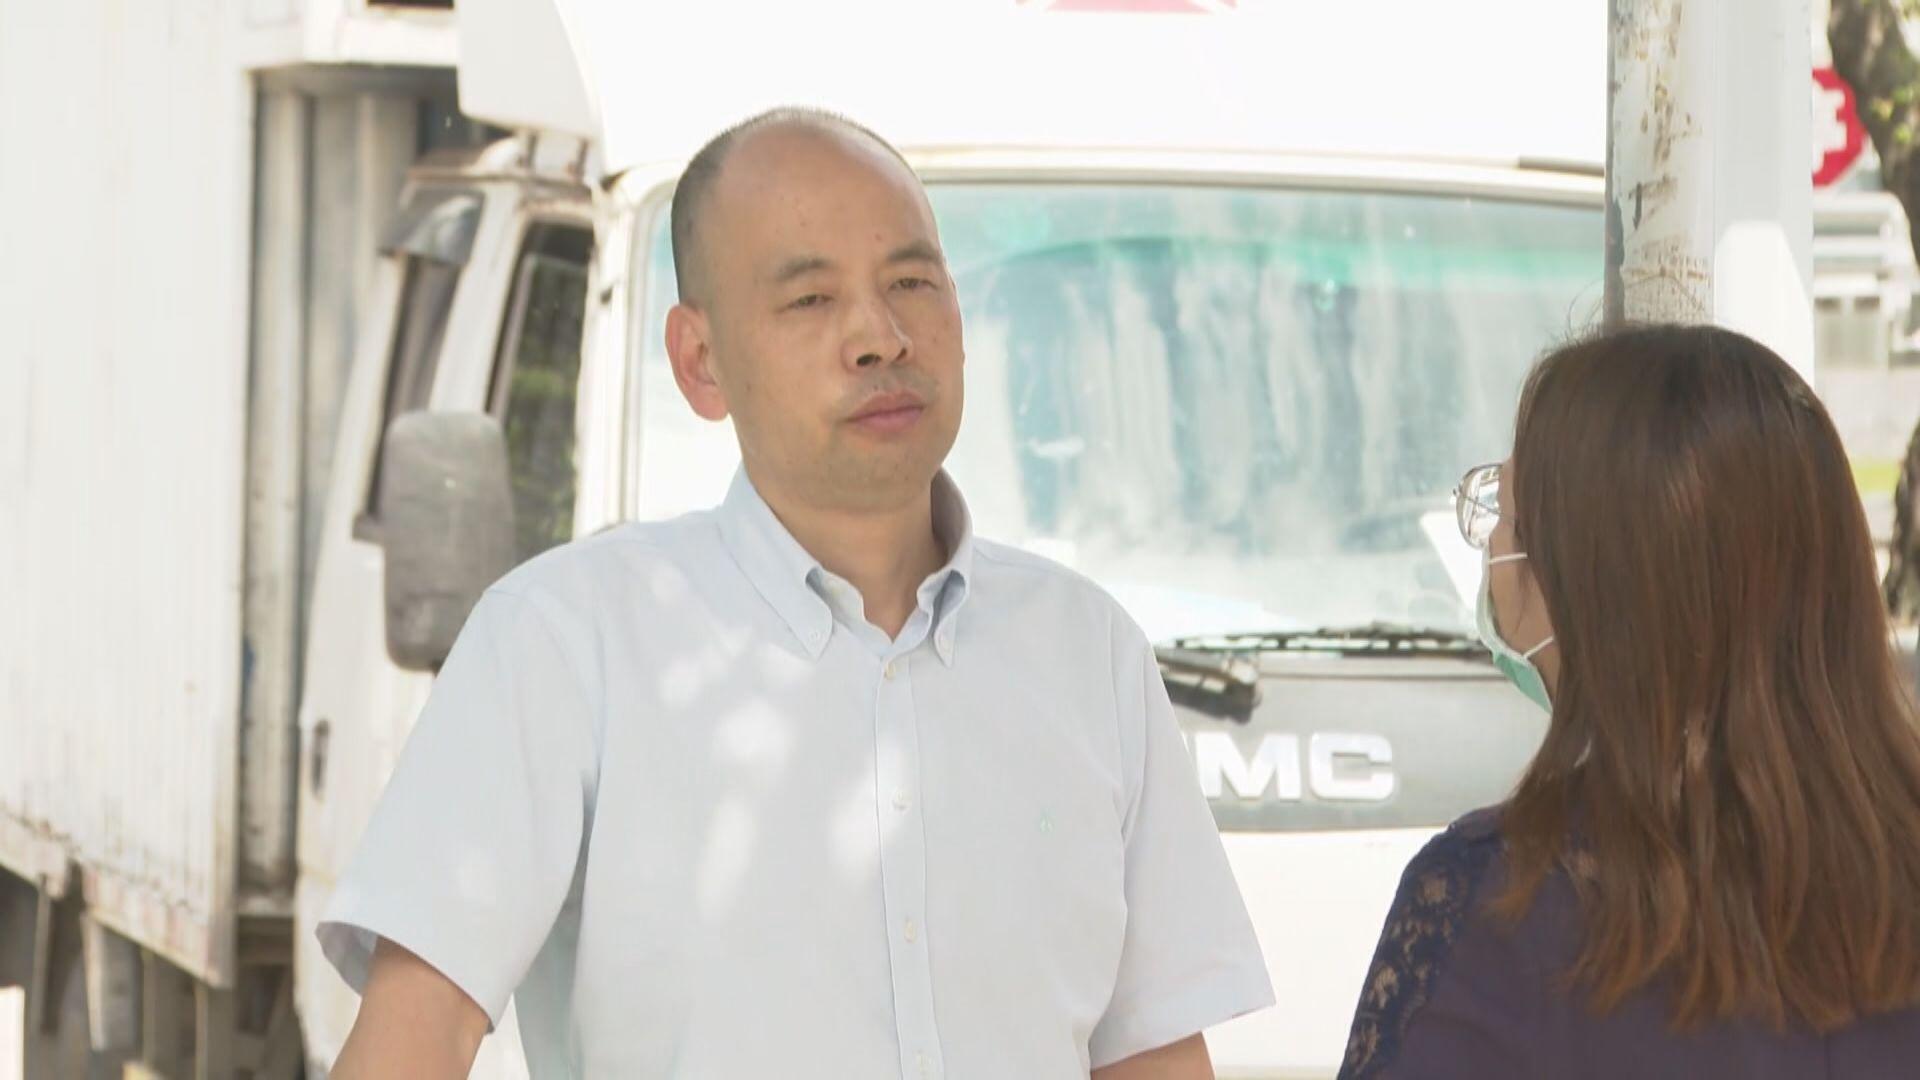 12港人案家屬委託內地律師盧思位遭當局提出吊銷執照